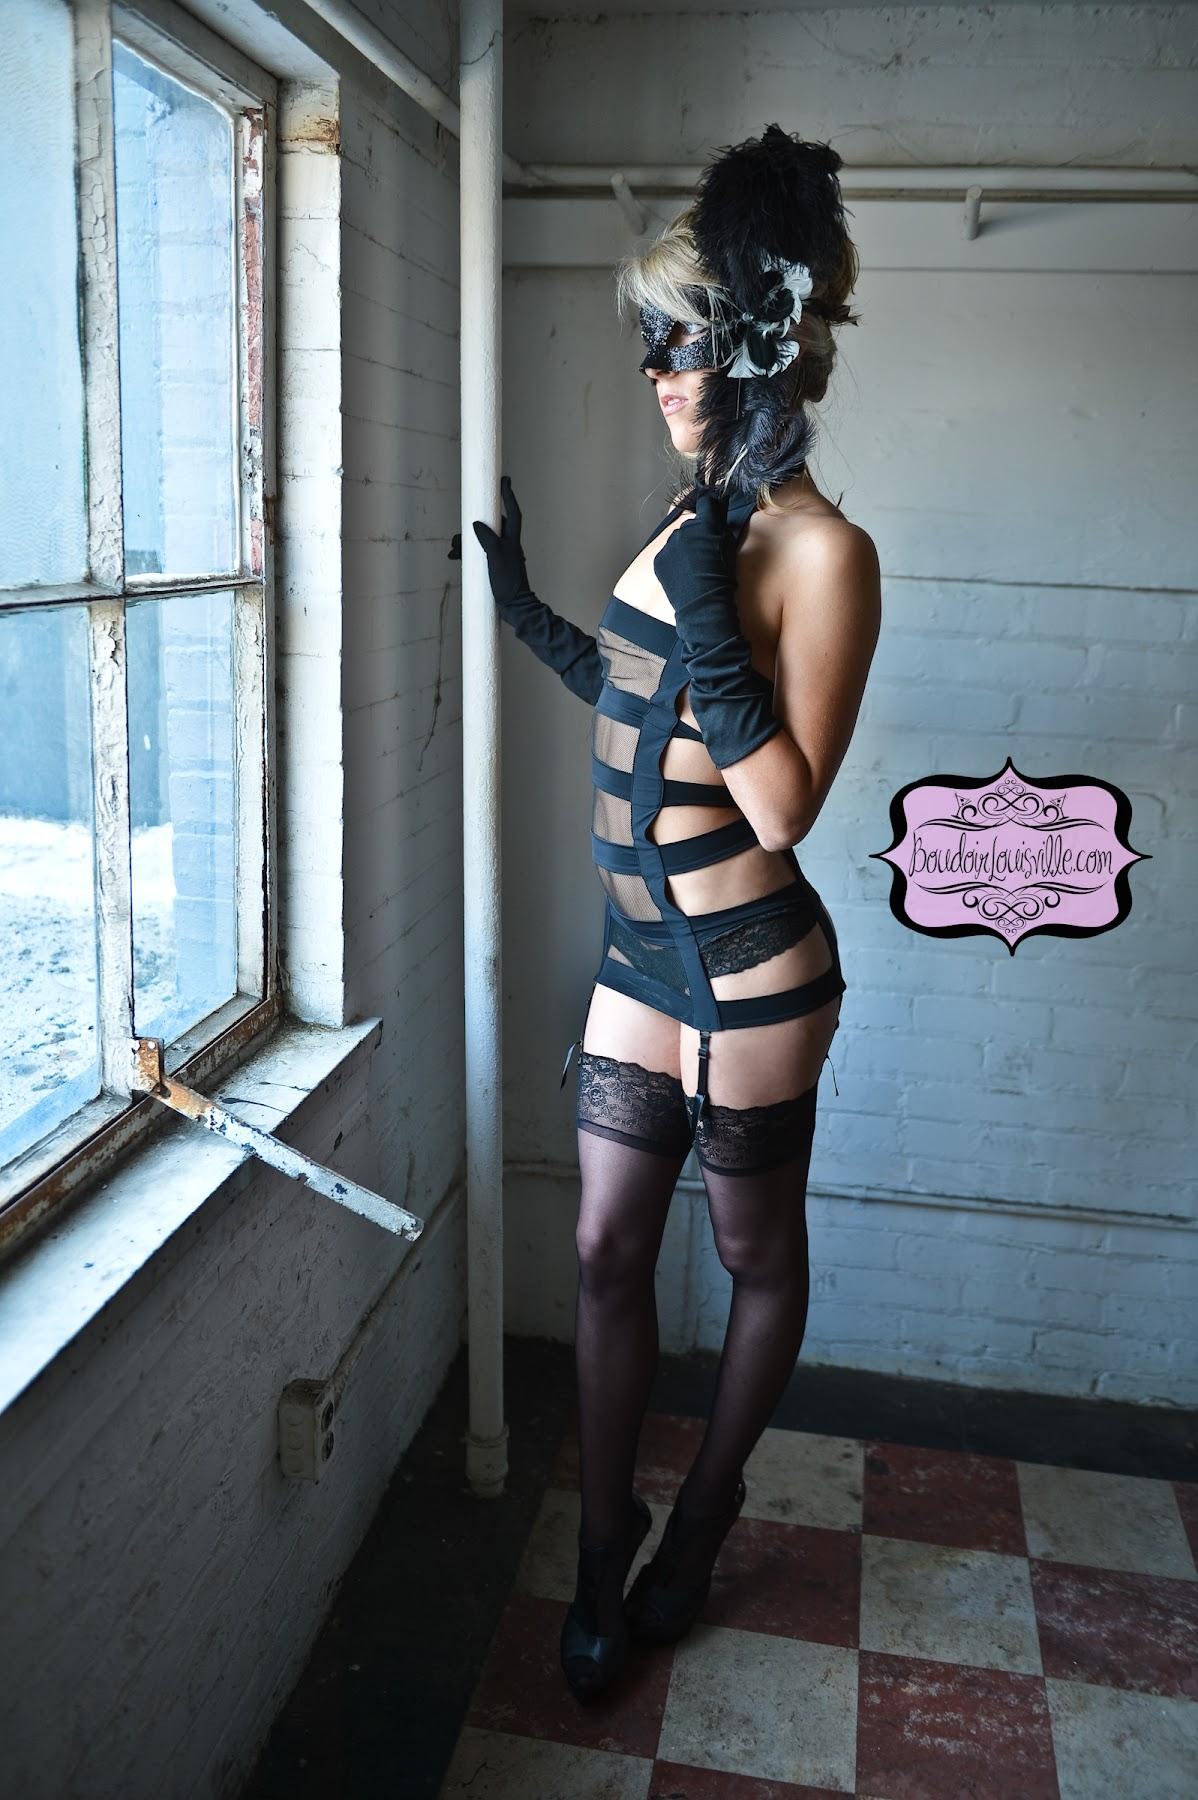 http://2.bp.blogspot.com/-QiKdIN0-9U8/UHwfLdaClUI/AAAAAAAAJIk/DOUqm3GsRpk/s1800/50+shades+of+gray+boudoir+photo+shoot+-+Boudoir+Louisville-11.jpg